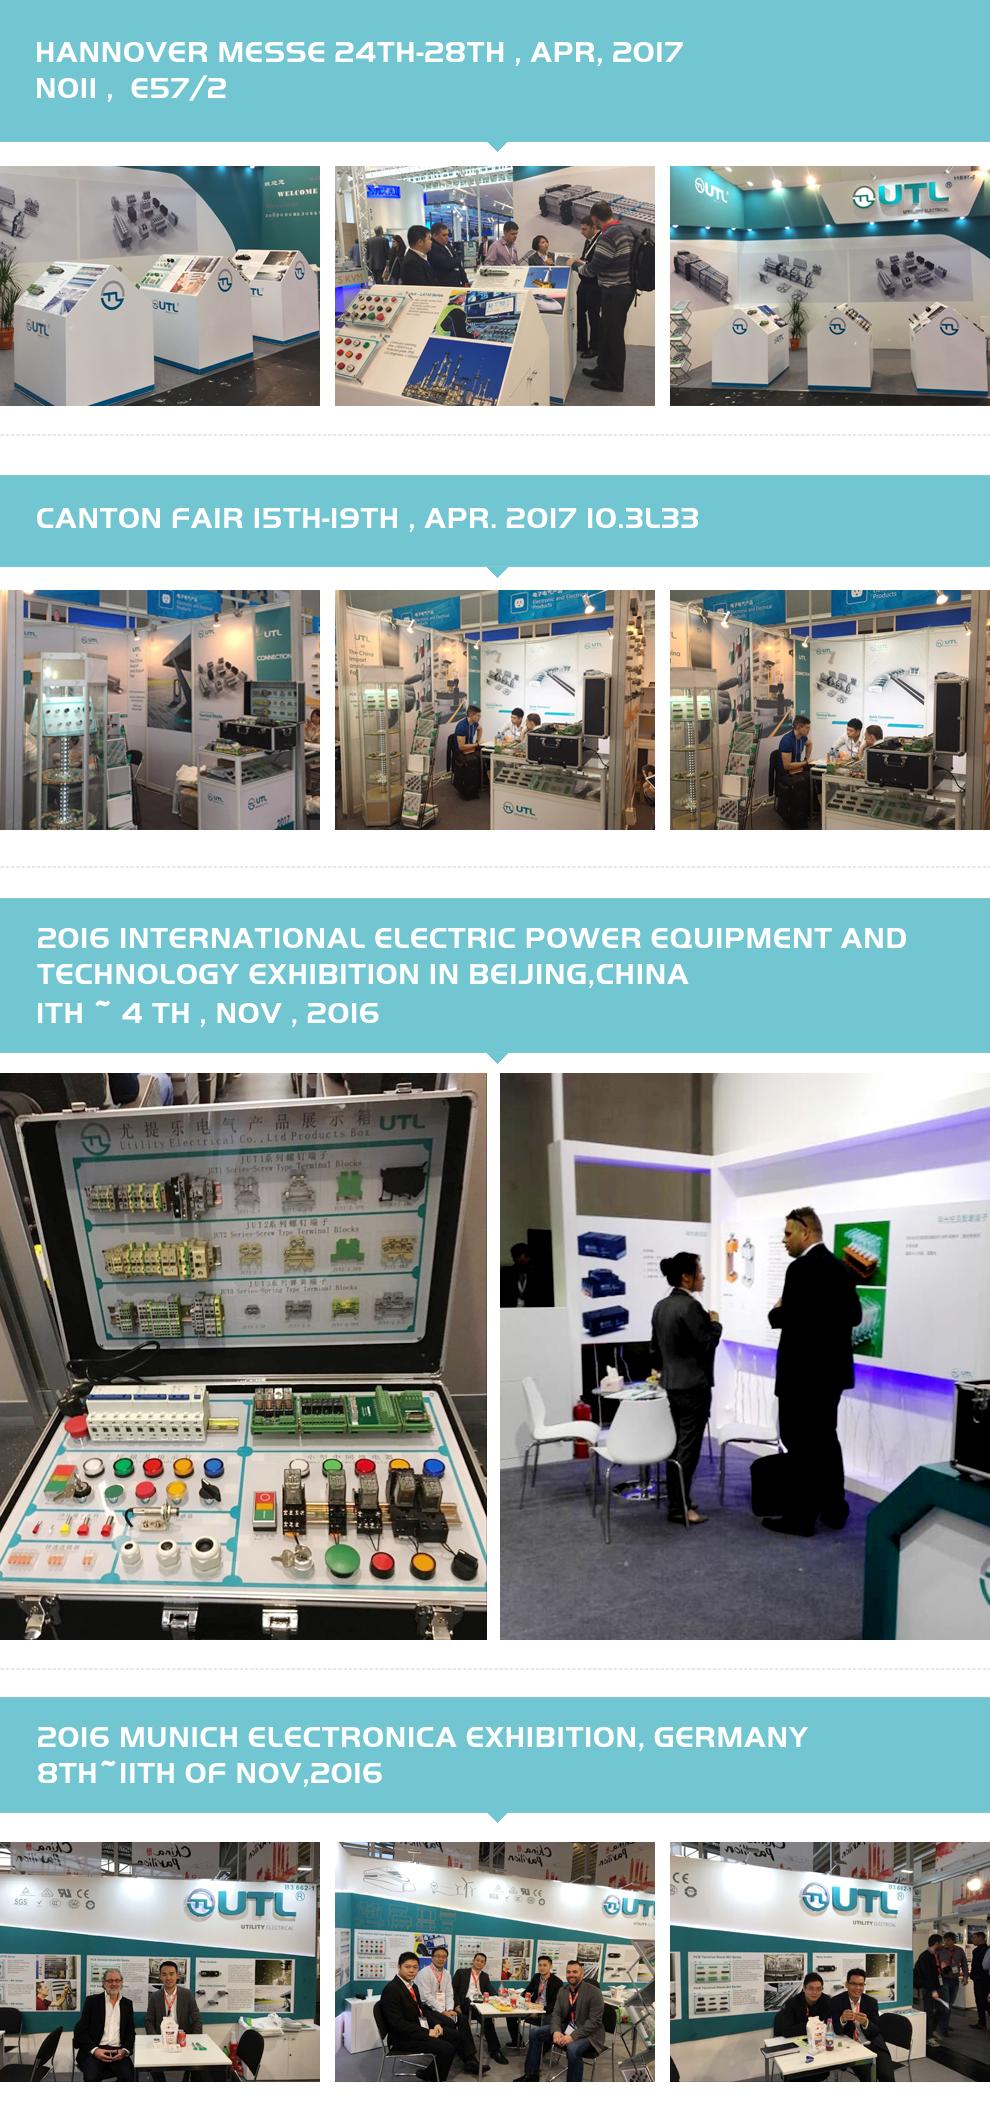 Exhibition - Unizen Electric (Shanghai) Co., Ltd.